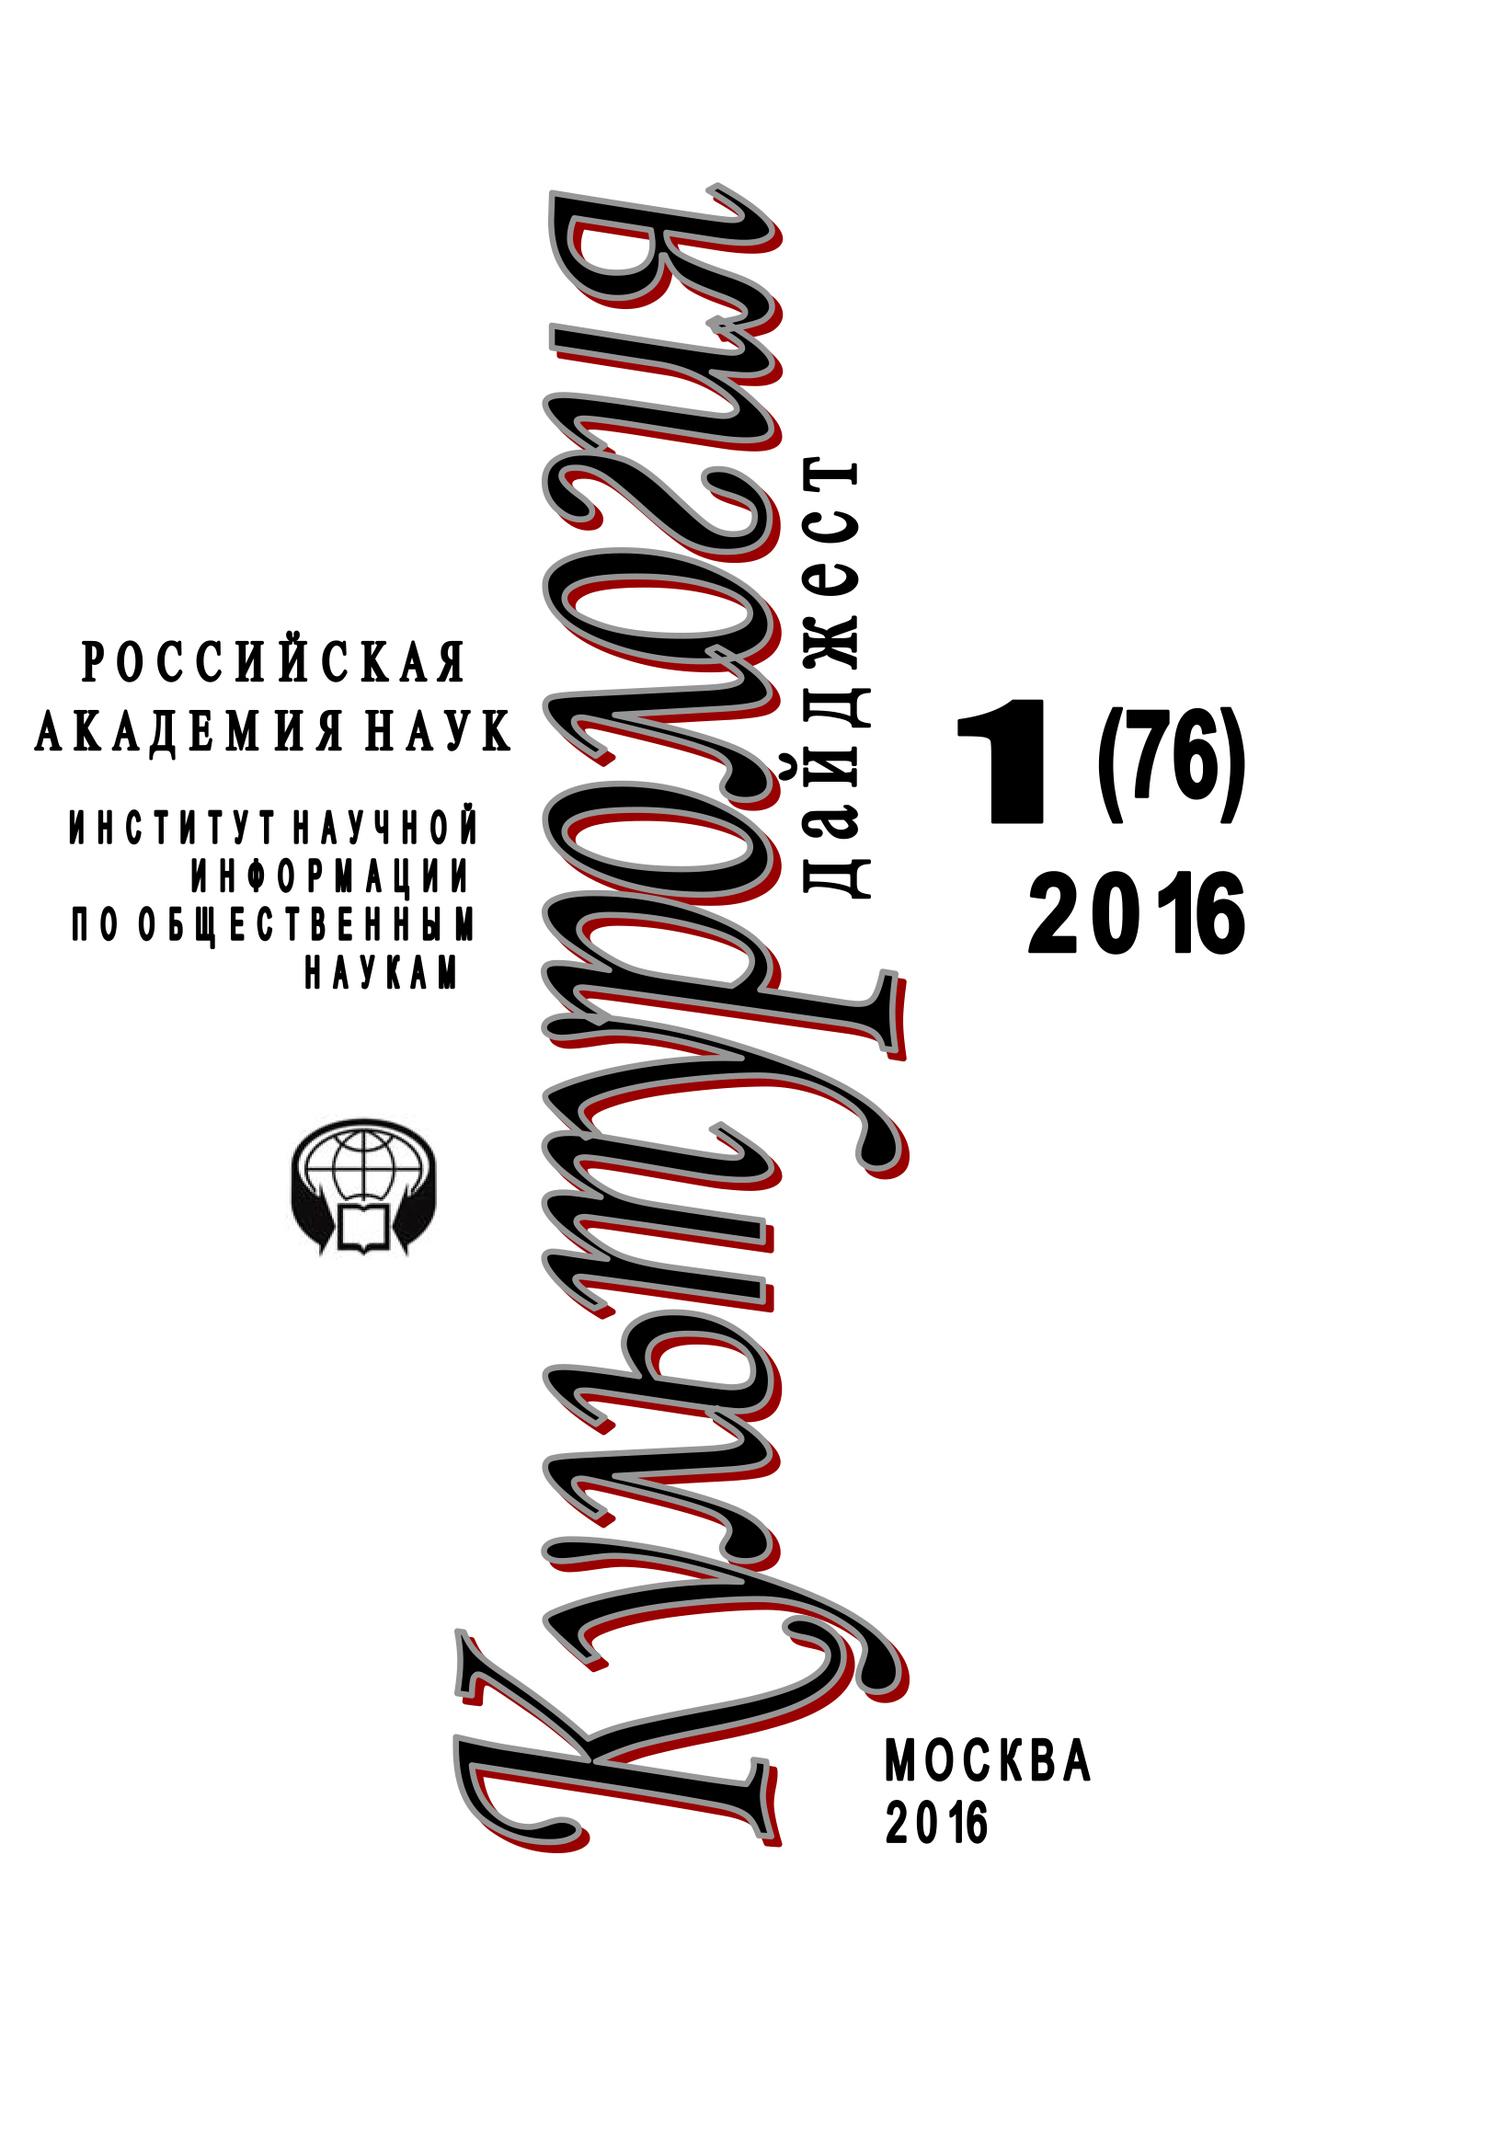 Ирина Галинская - Культурология. Дайджест №1 / 2016